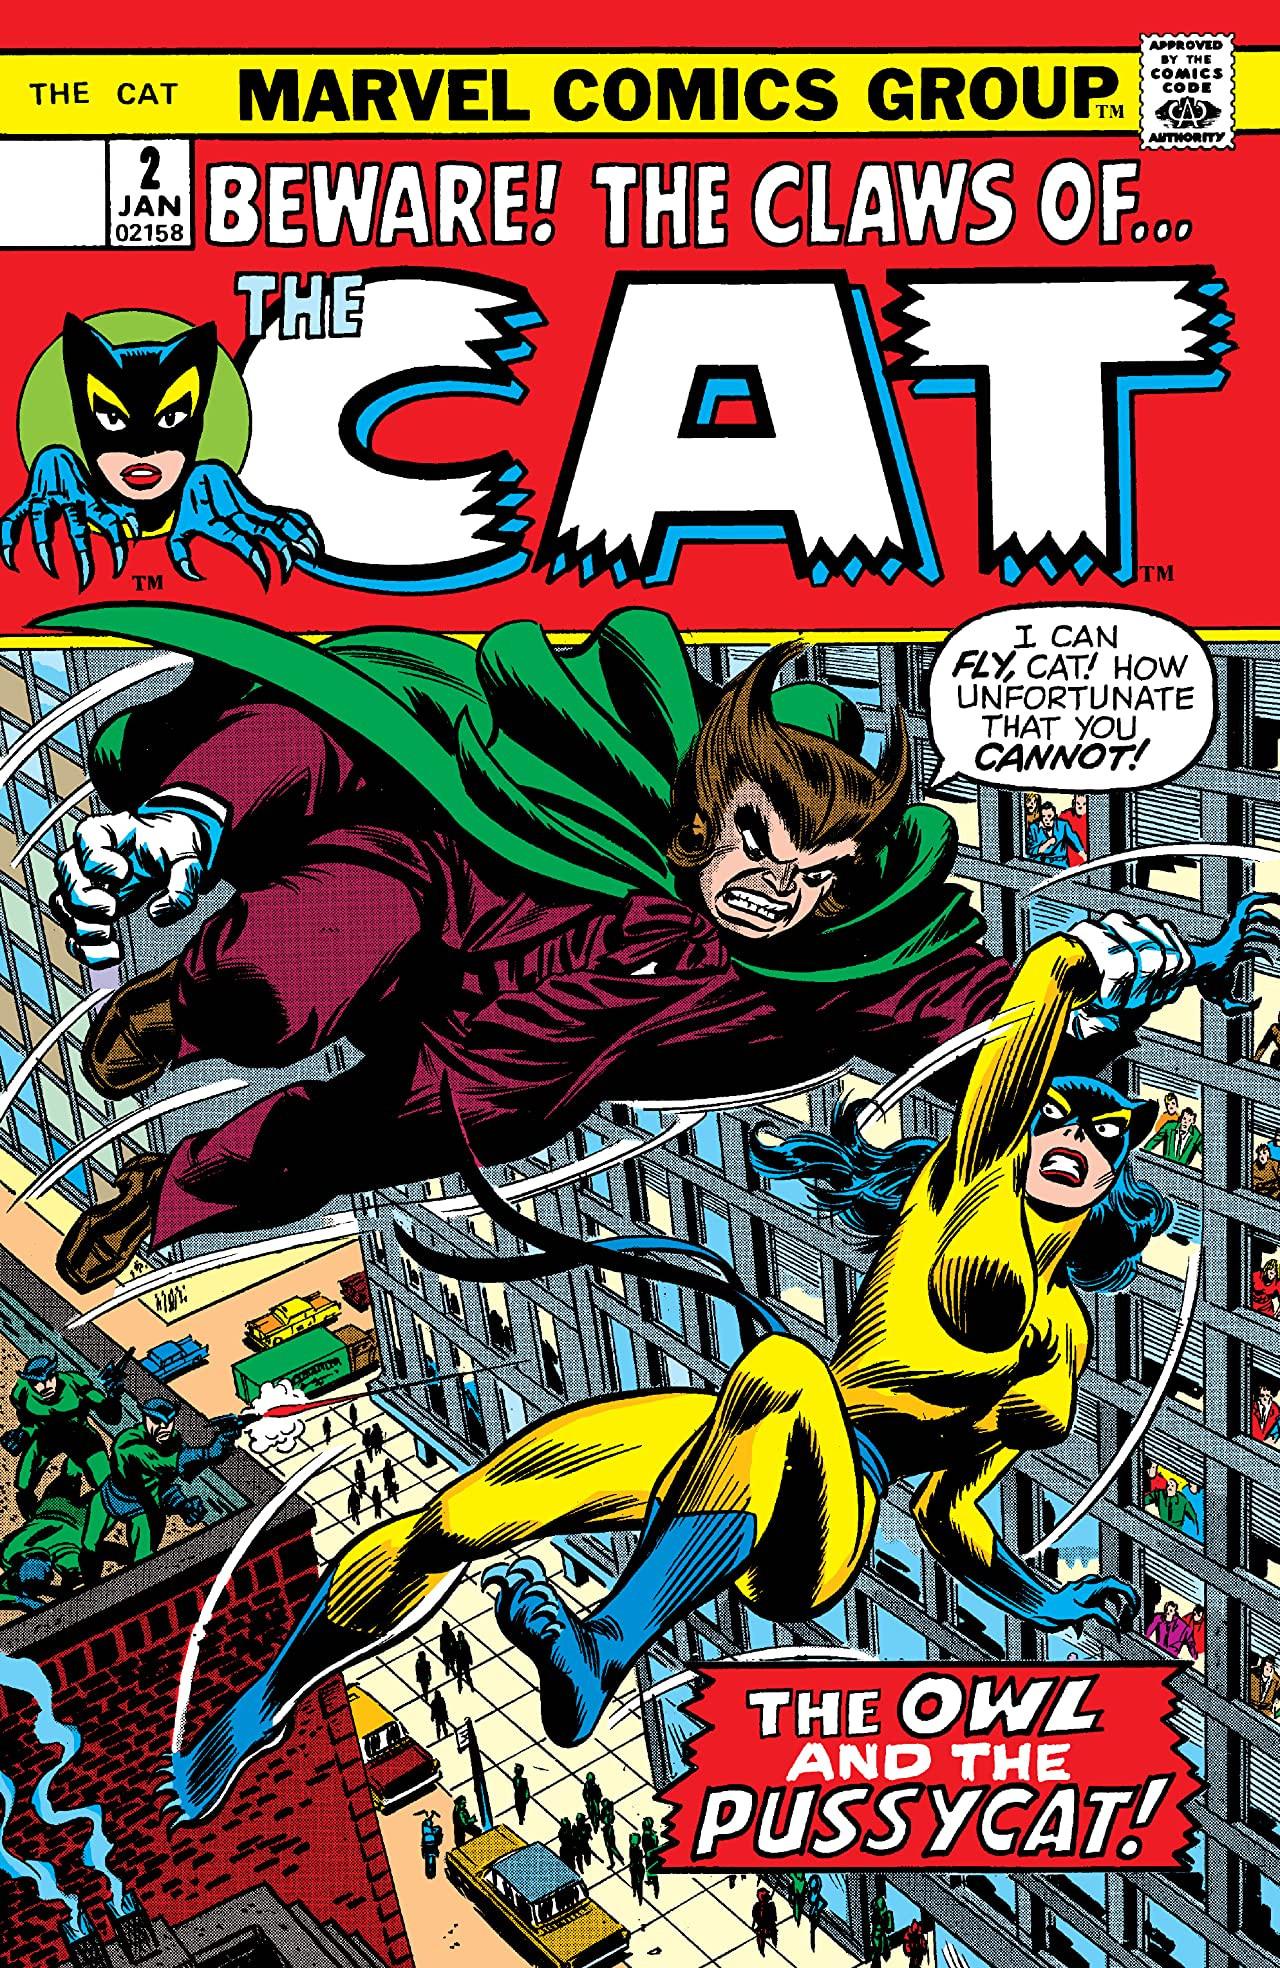 The Cat Vol 1 2